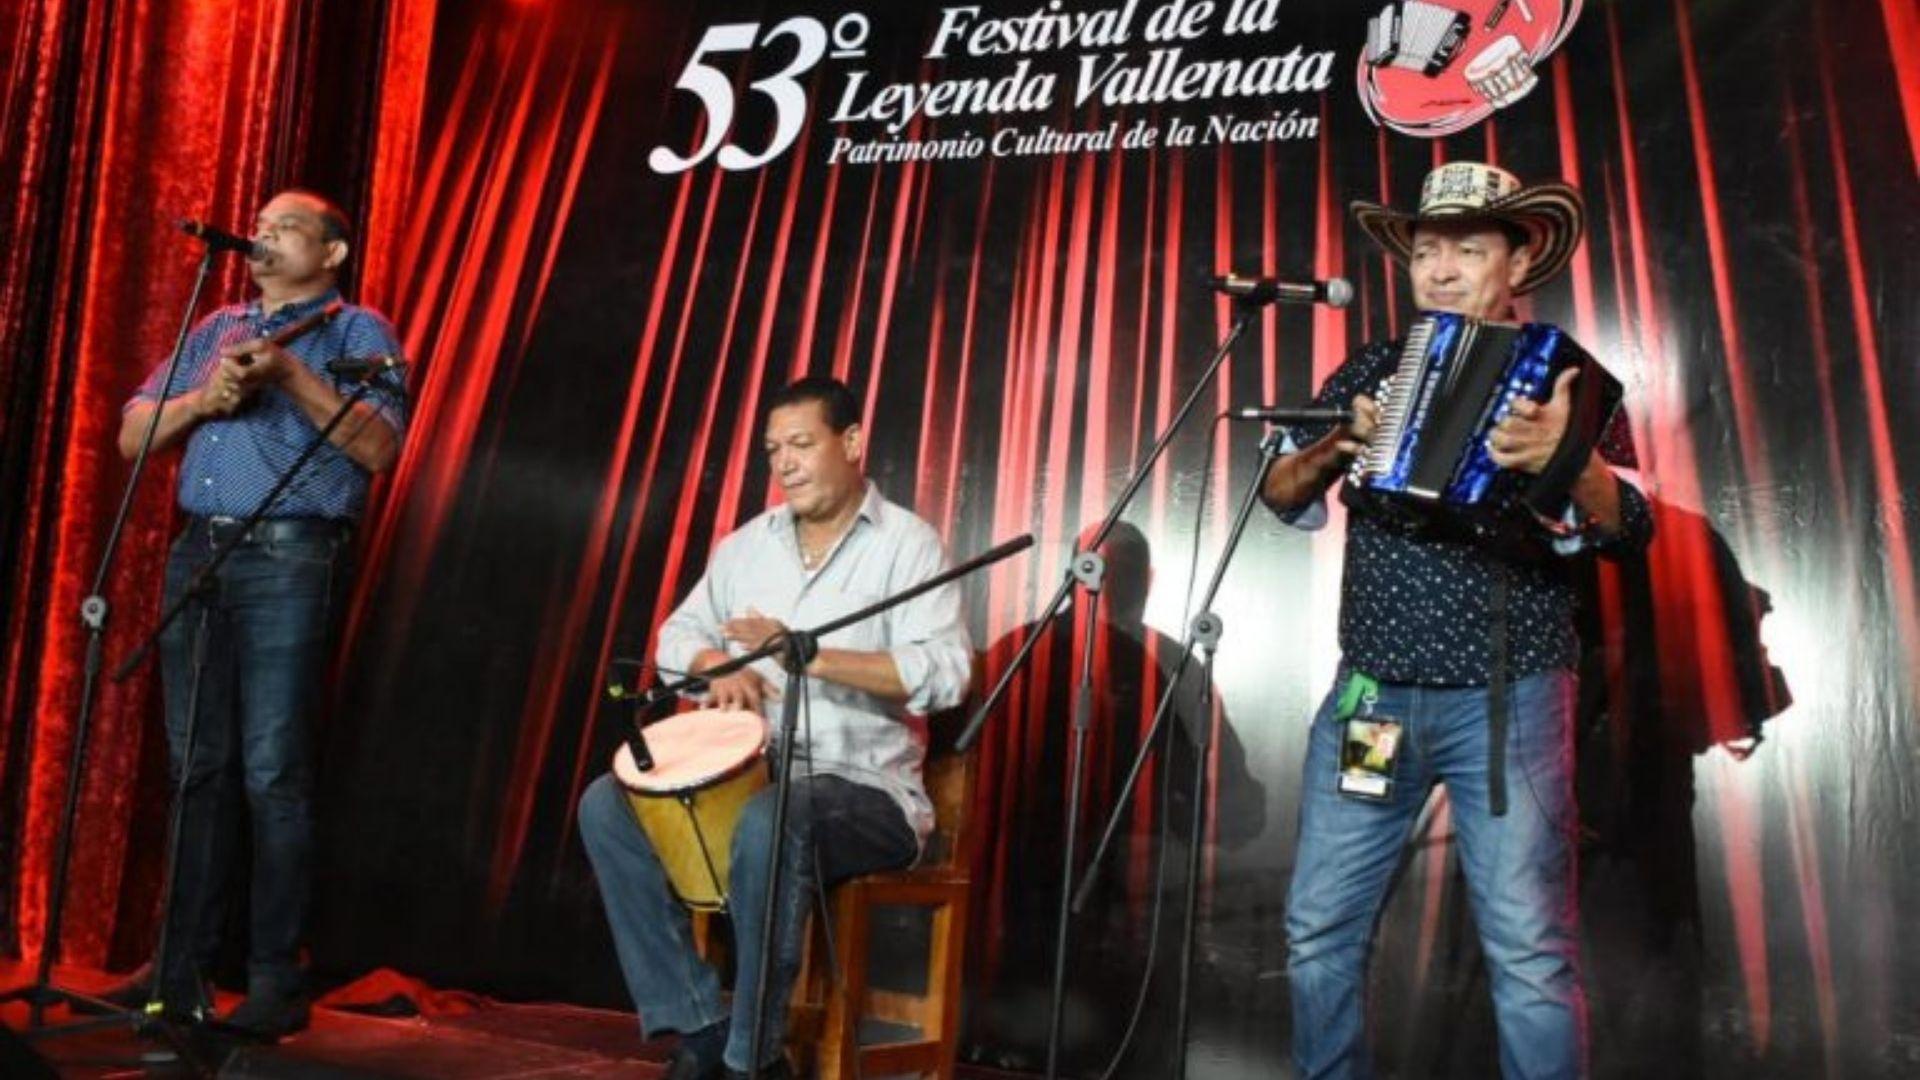 La edición número 53 del Festival de la Leyenda Vallenata es la primera en realizarse virtualmente.